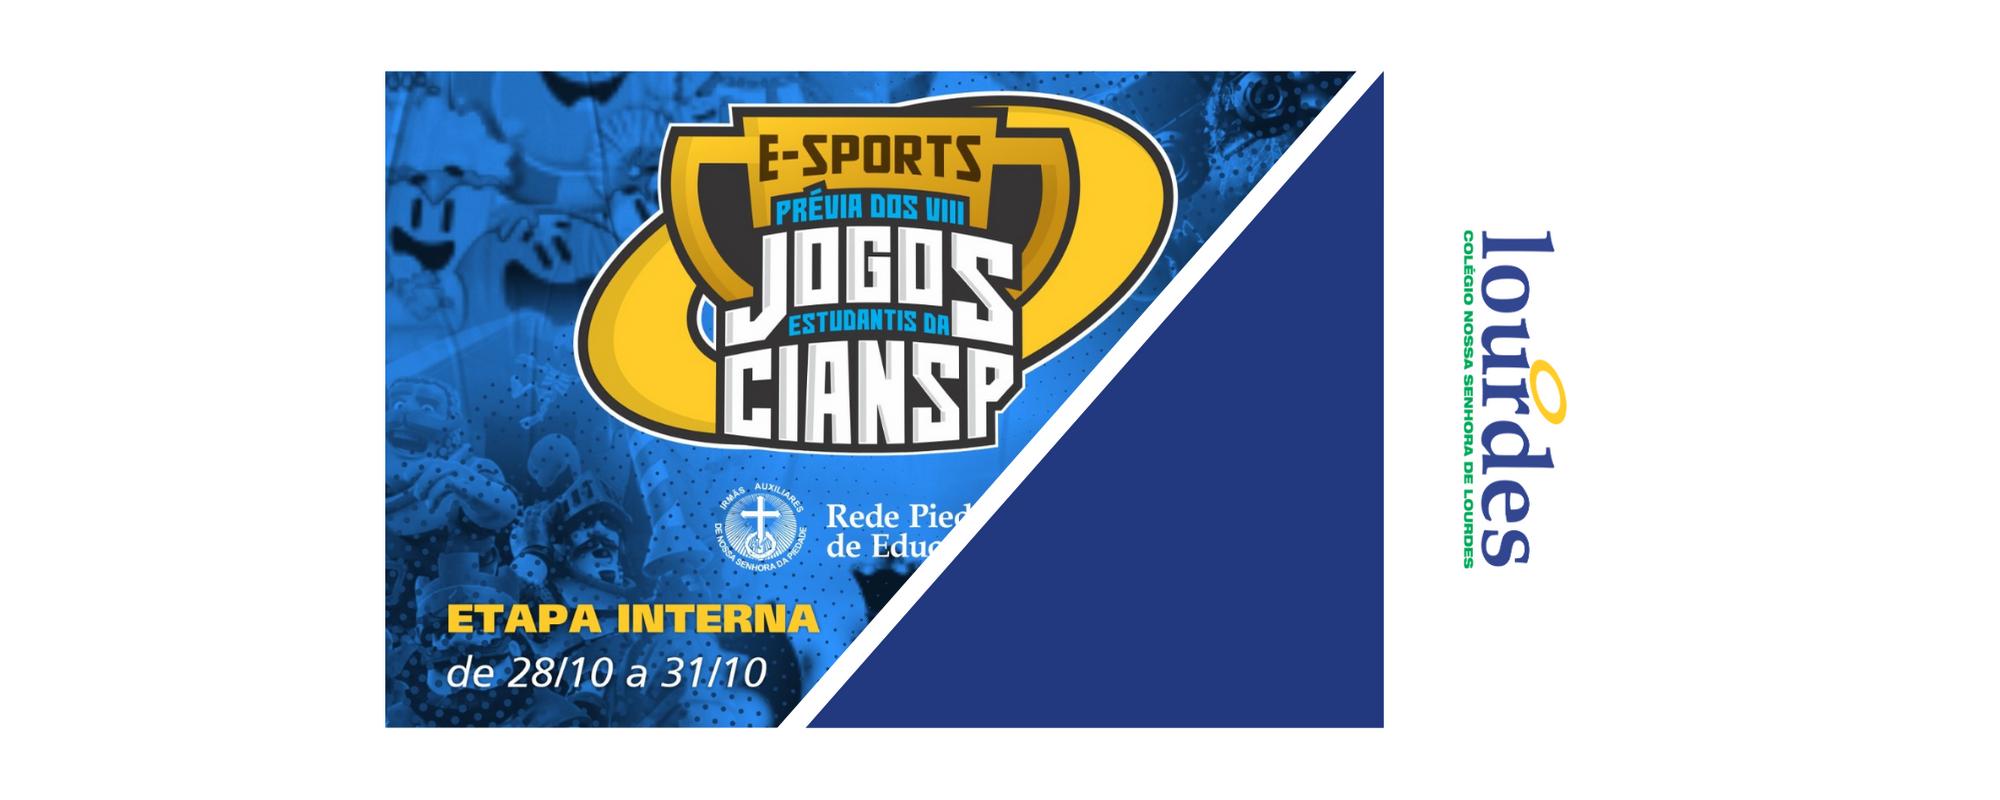 E-sports – Prévia dos VIII Jogos Estudantis da CIANSP